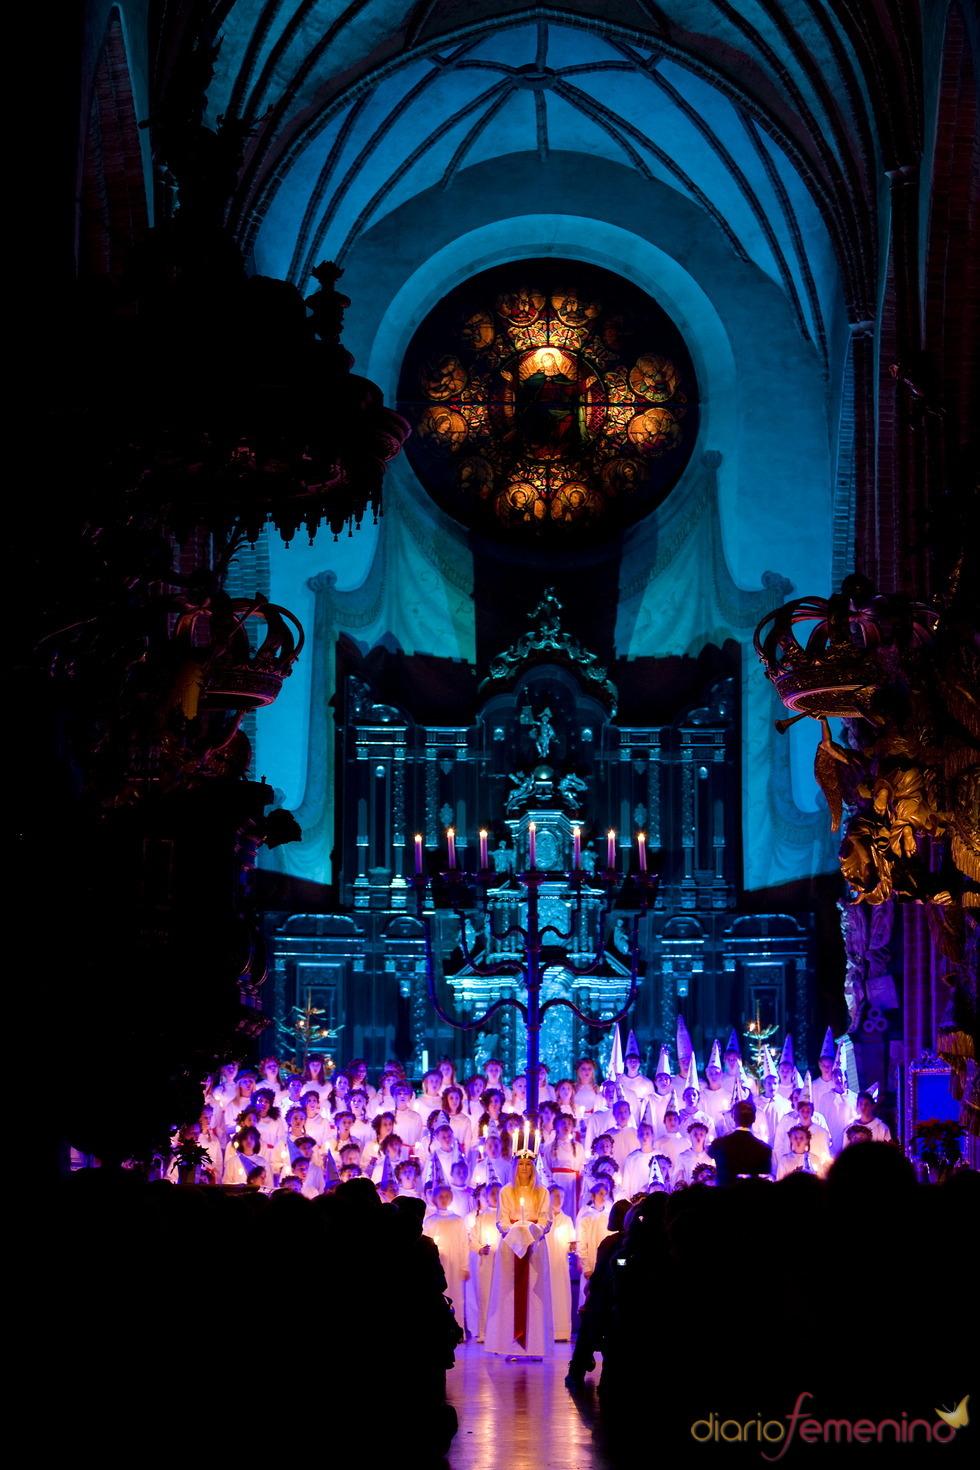 Celebración del Día de Santa Lucía, Suecia